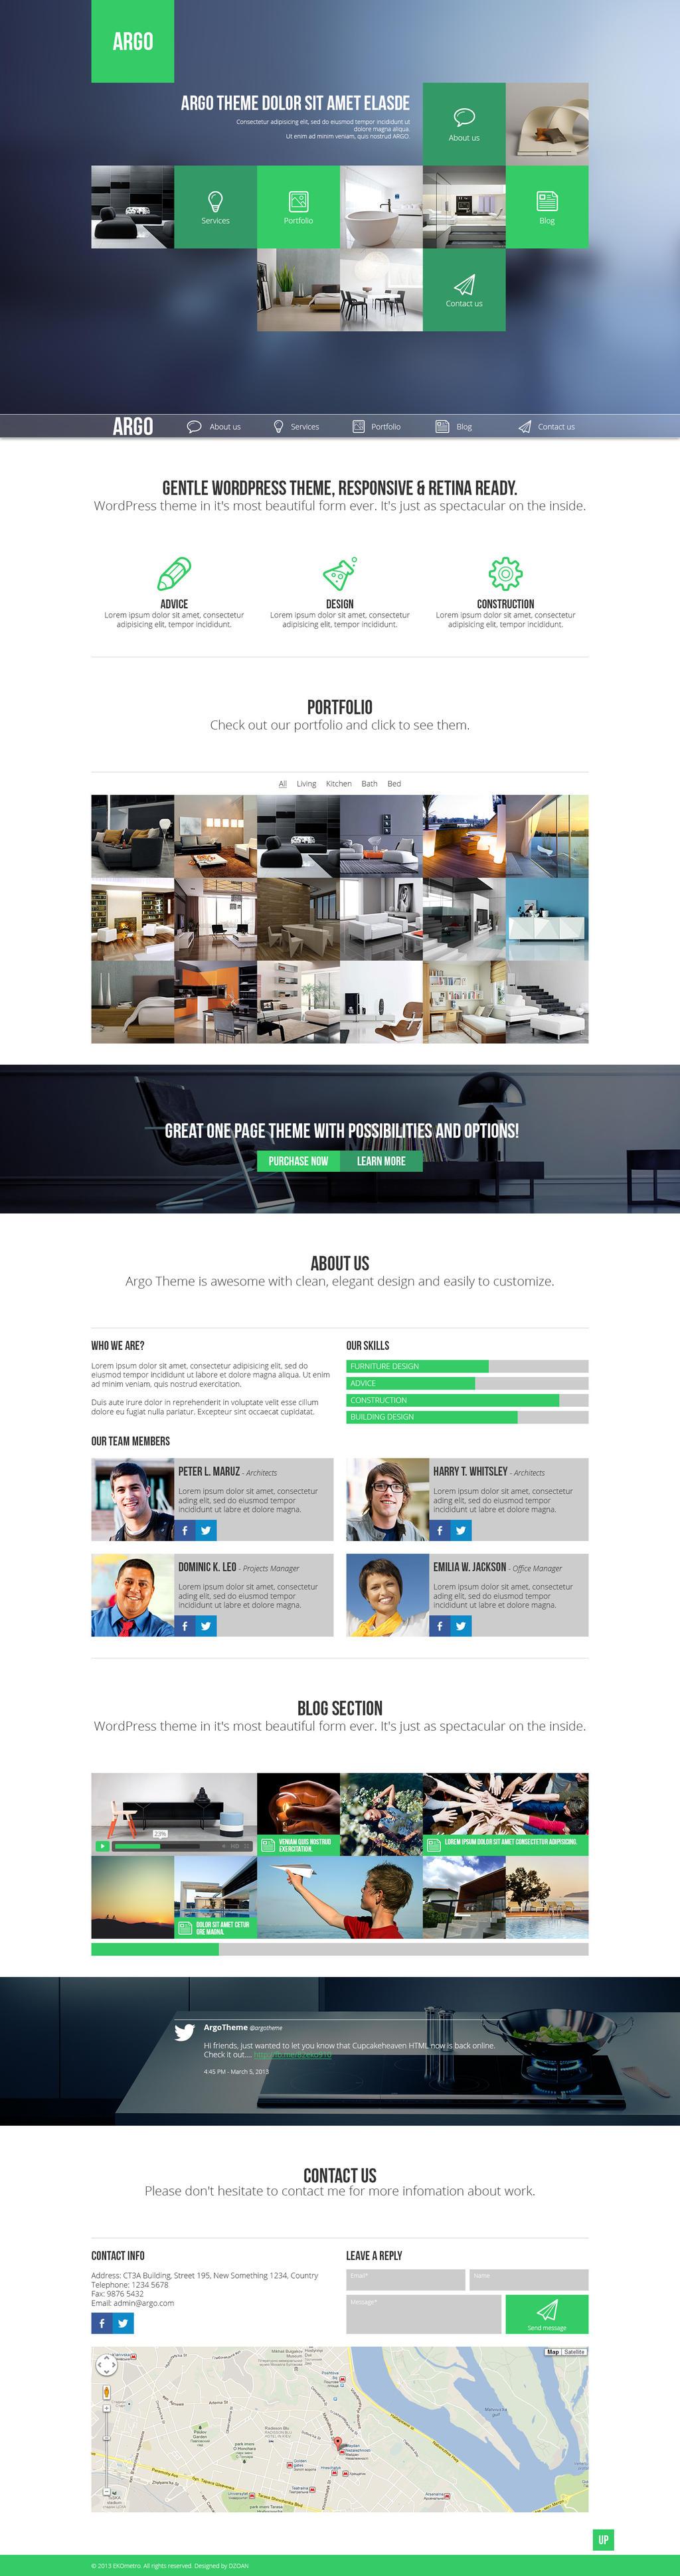 Argo - One Page Portfolio PSD Template by DarkStaLkeRR